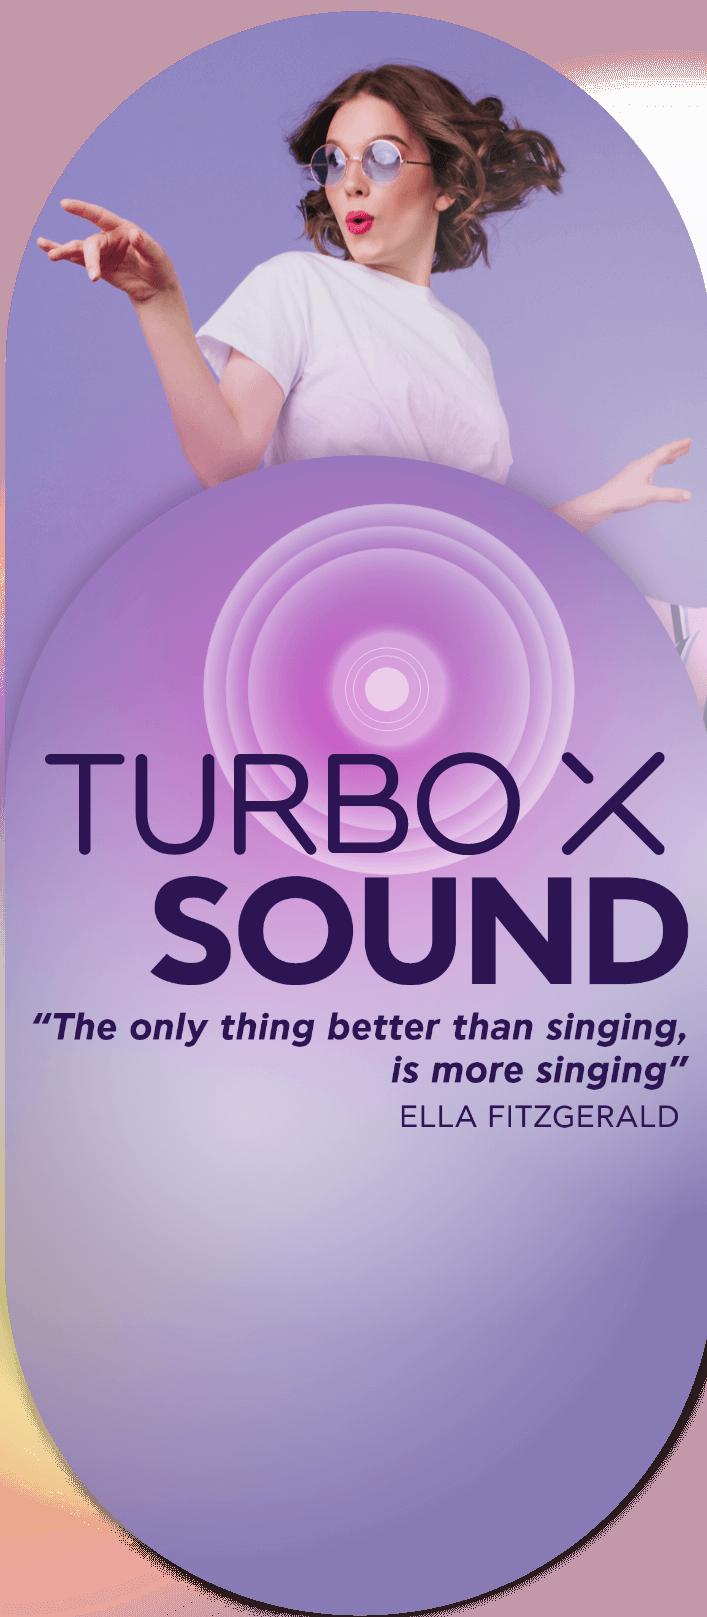 TURBO X SOUND